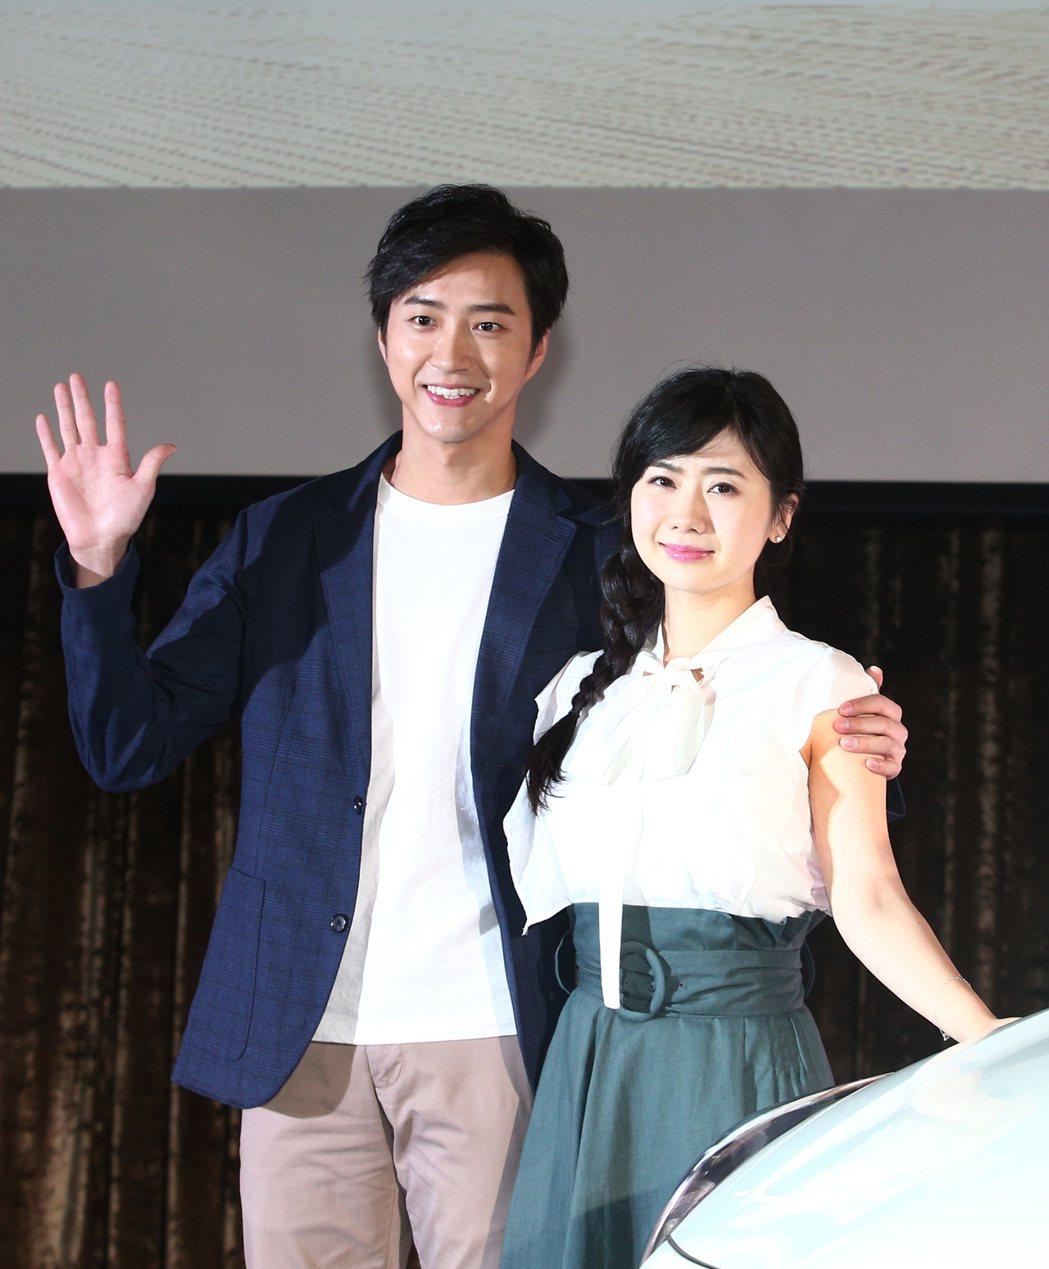 江宏傑(左)與福原愛(右)曾一起出席汽車活動。本報資料照片